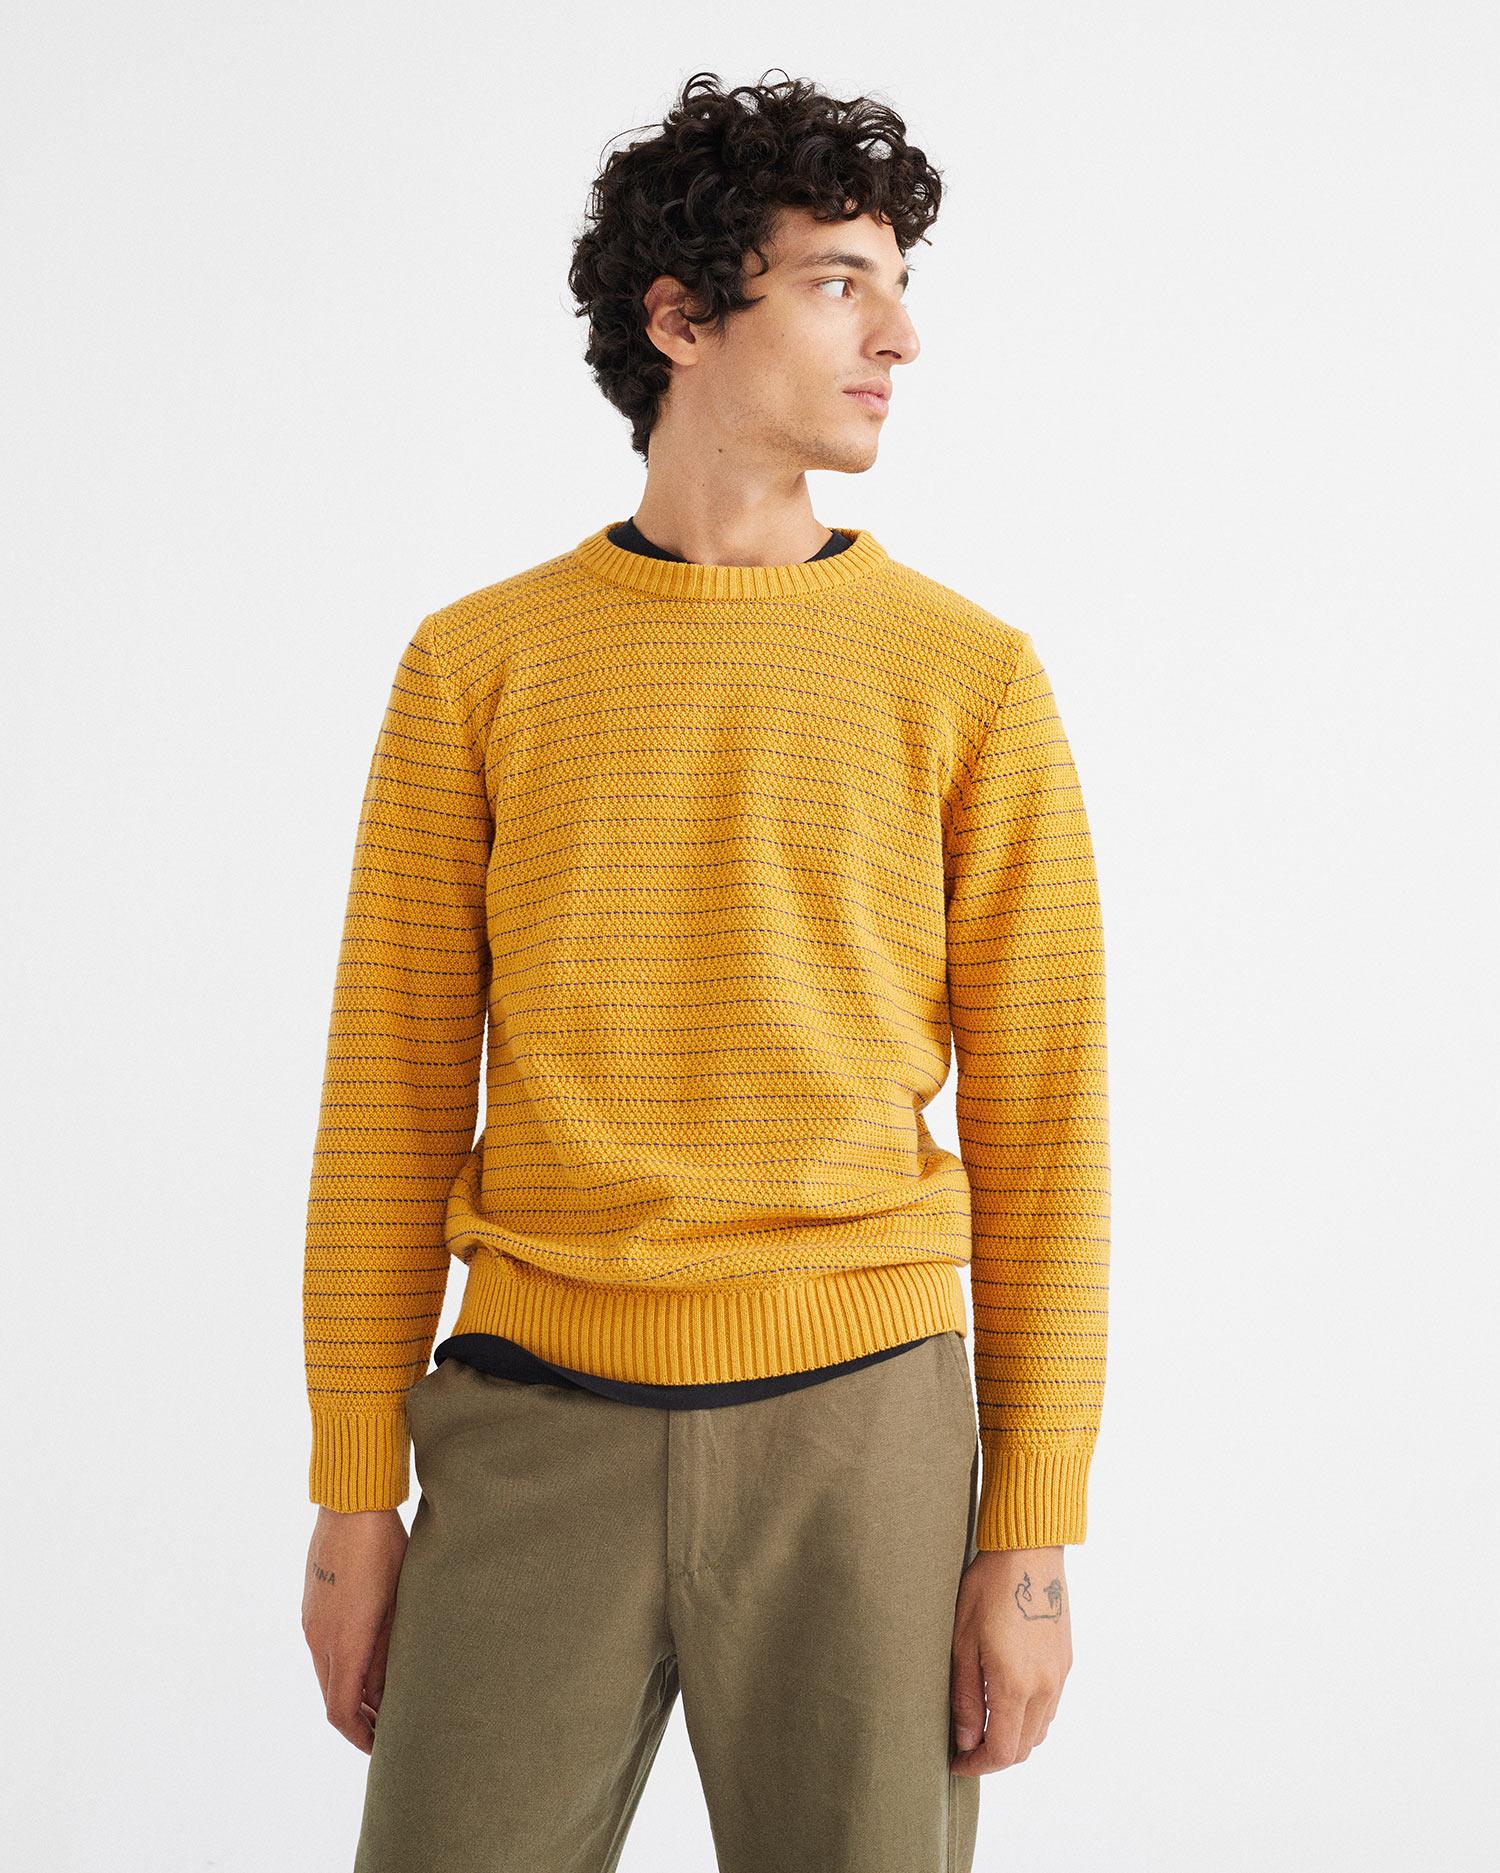 camel miki knitted sweater, herren - thinking mu